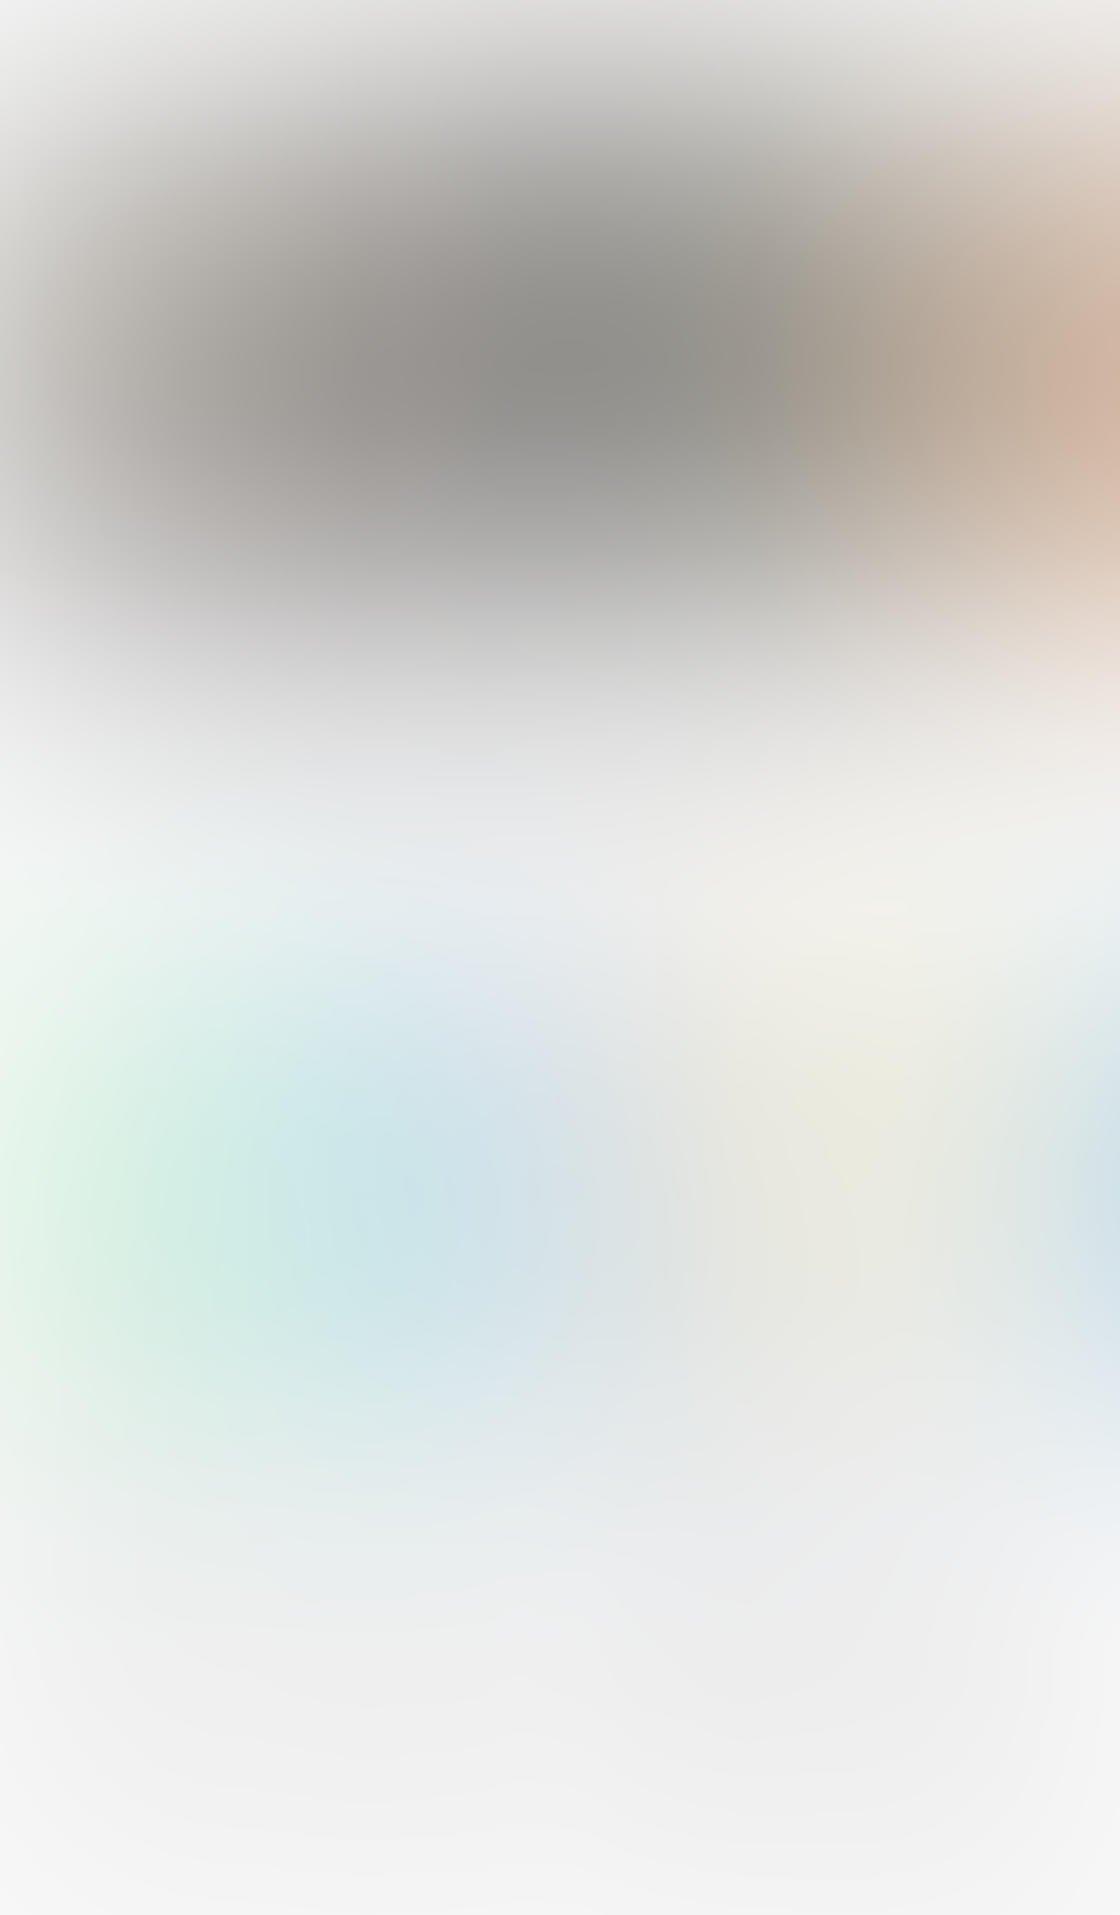 iPhone Photo Backup 11